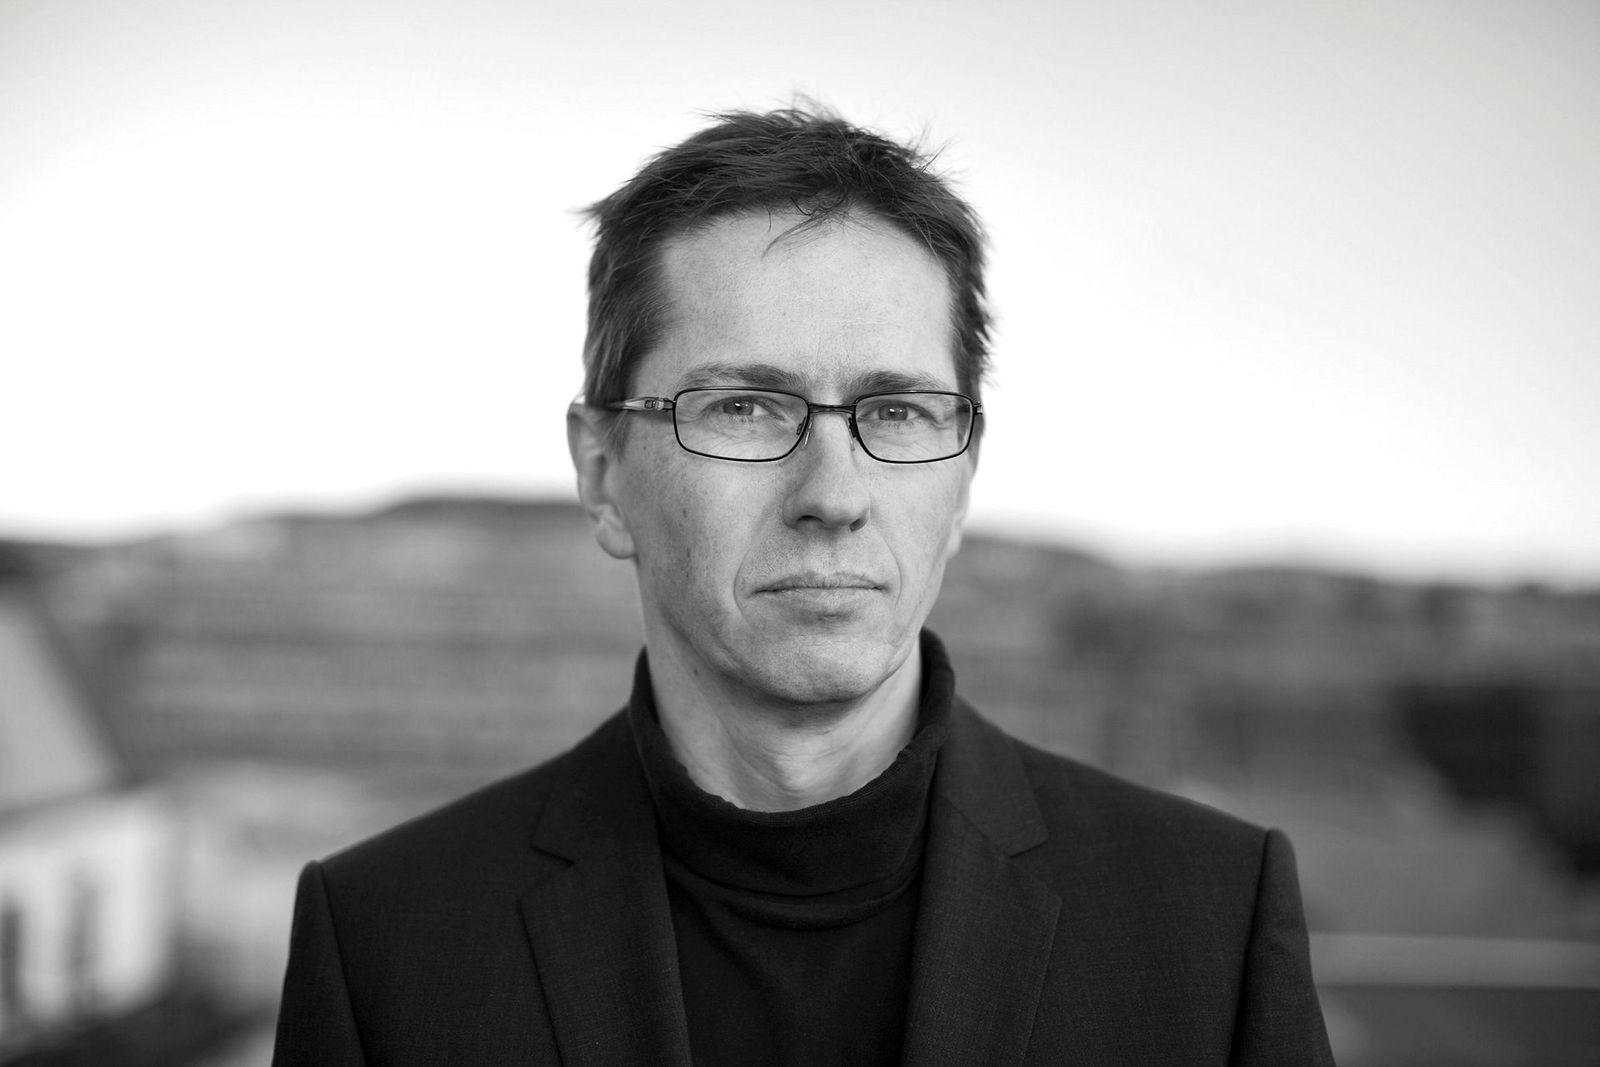 Hans Ole Rian